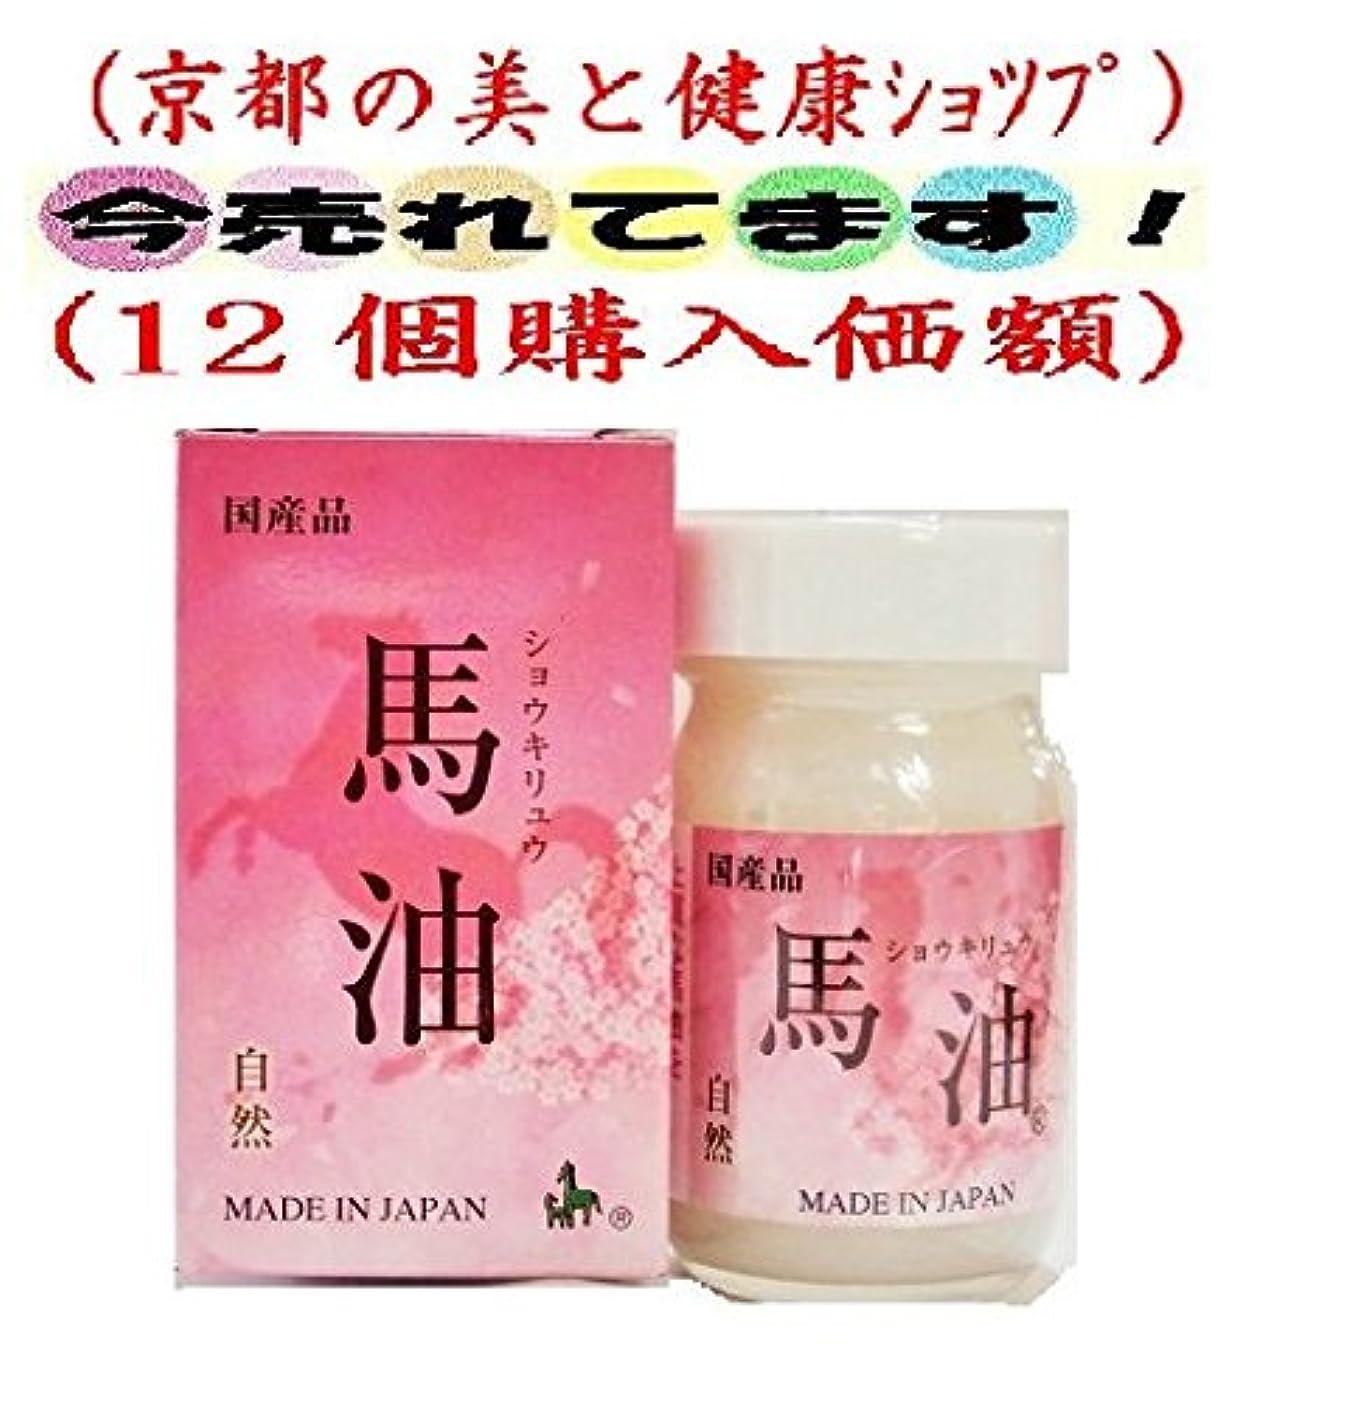 加害者ナサニエル区なめらかショウキリュウ 馬油 自然 70ml (桜 ピンク化粧箱 12個購入価額)